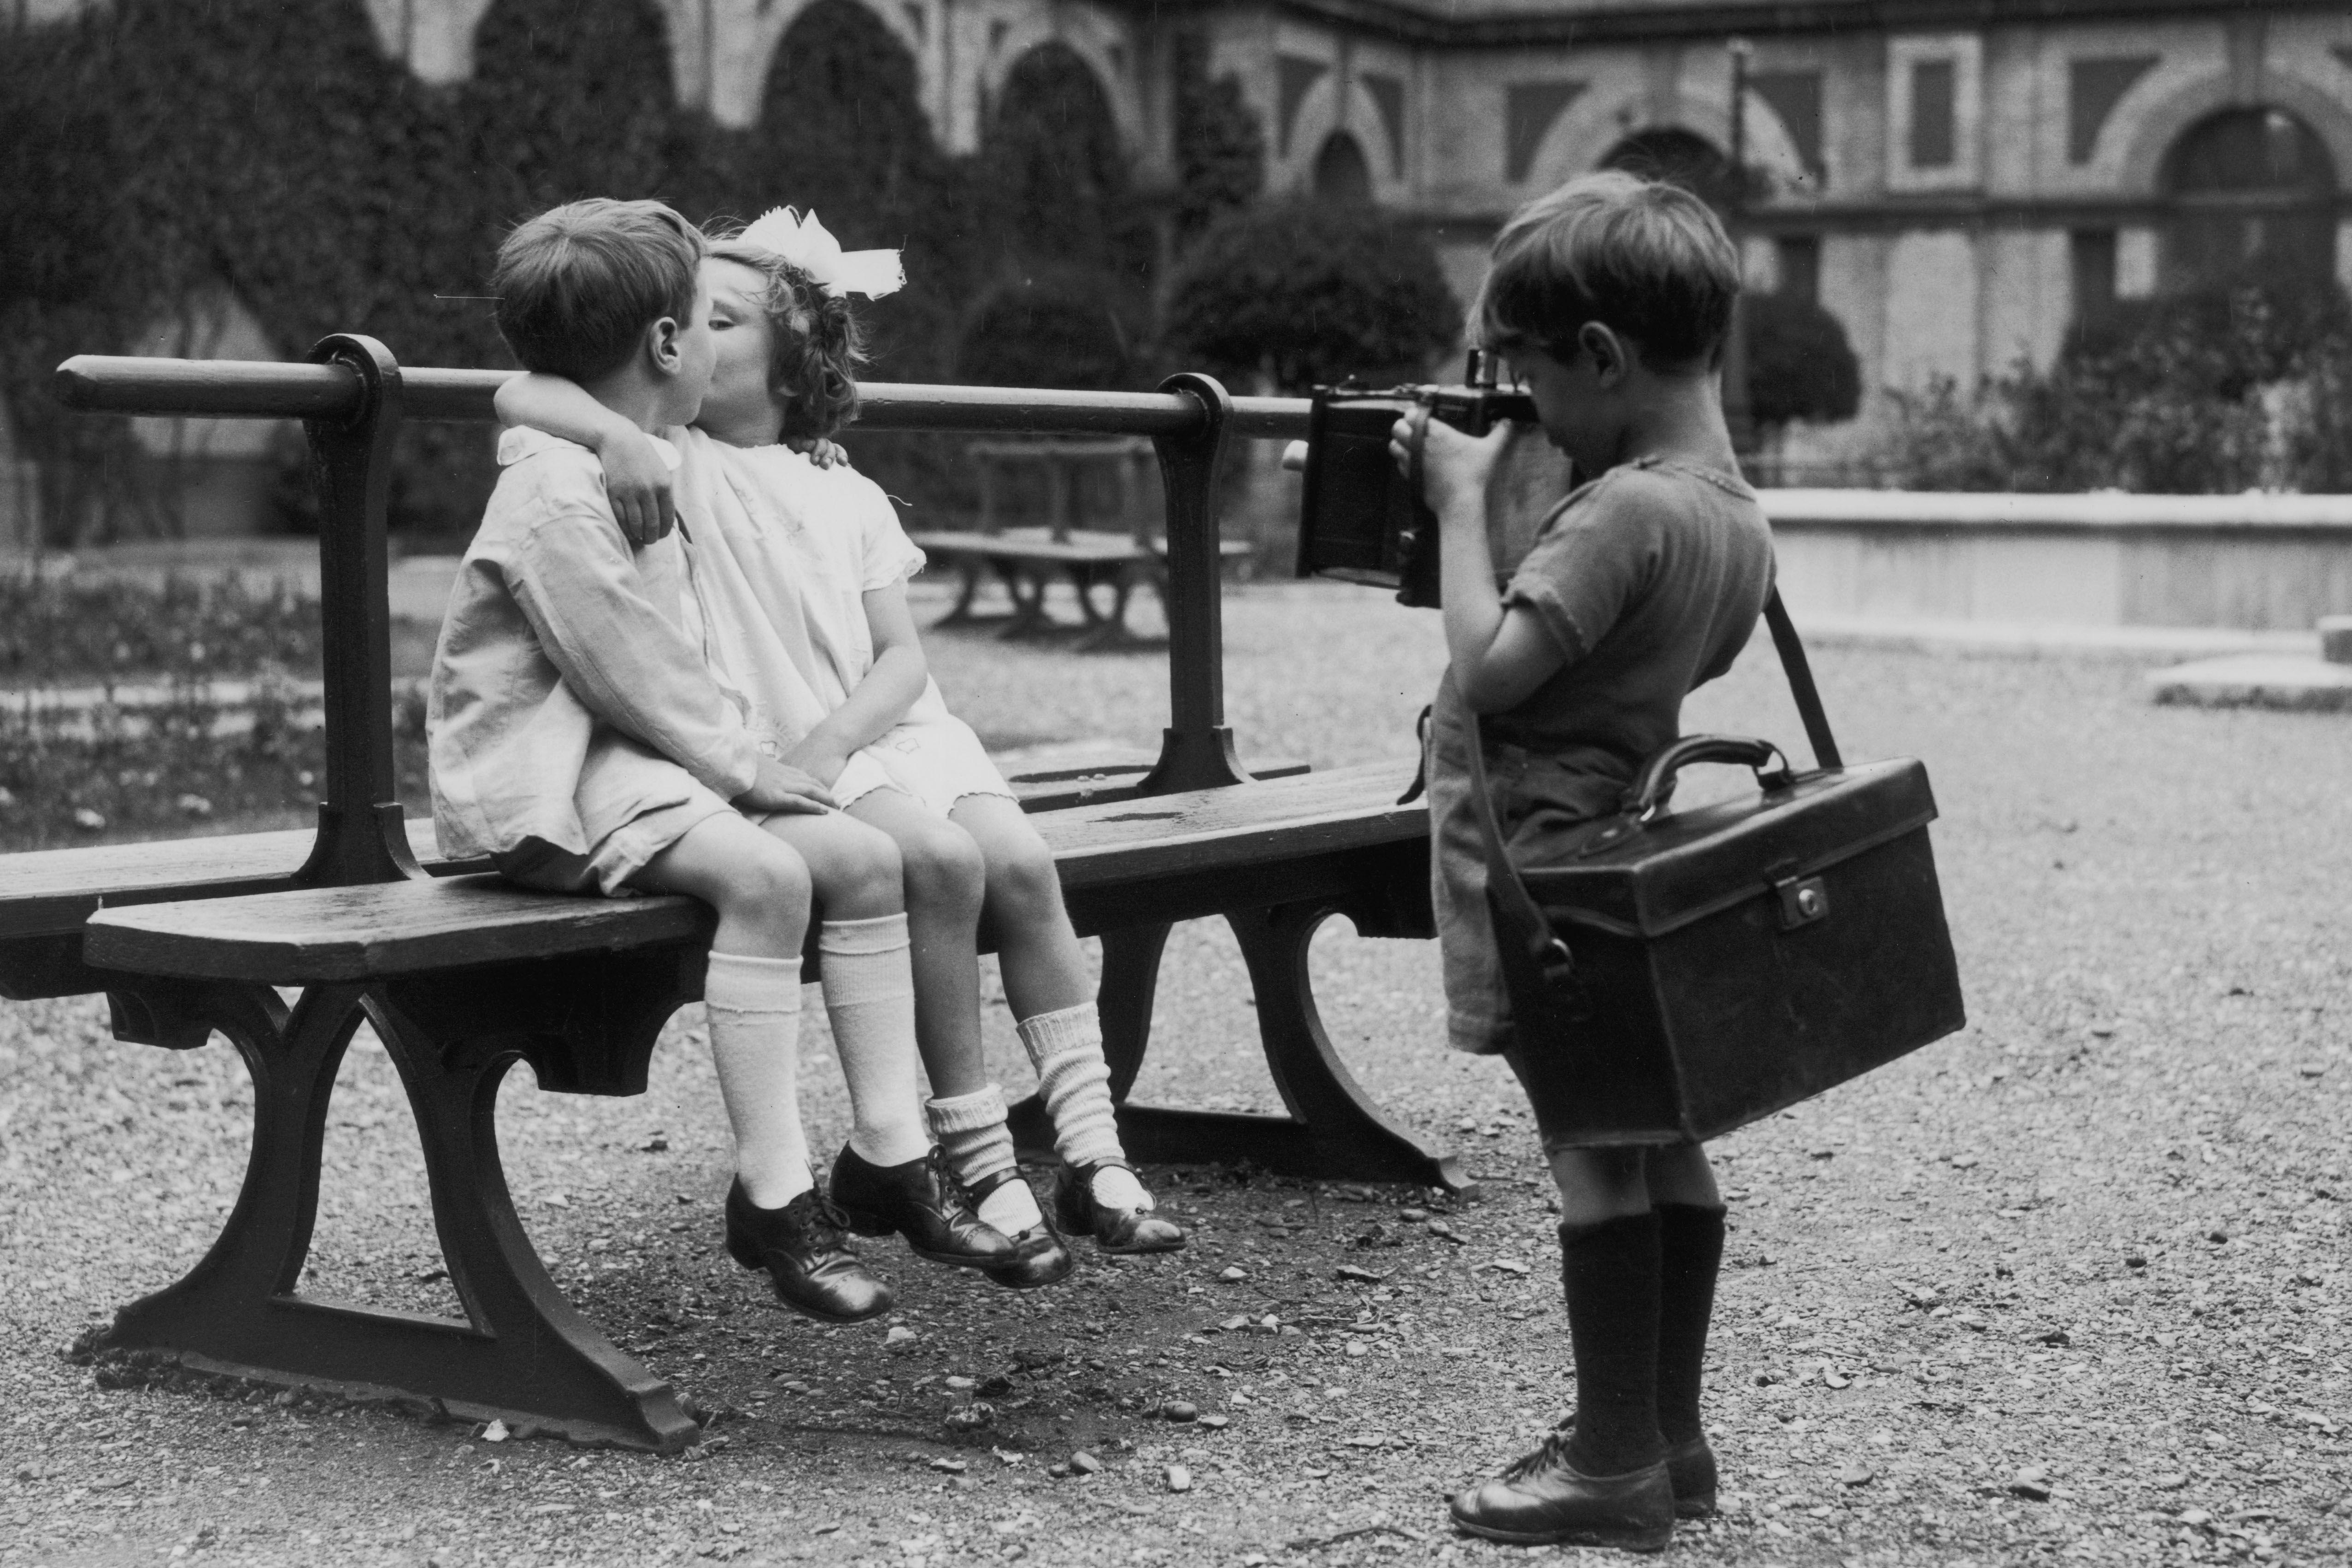 Открытки днем, прикольные картинки мальчик и девочка